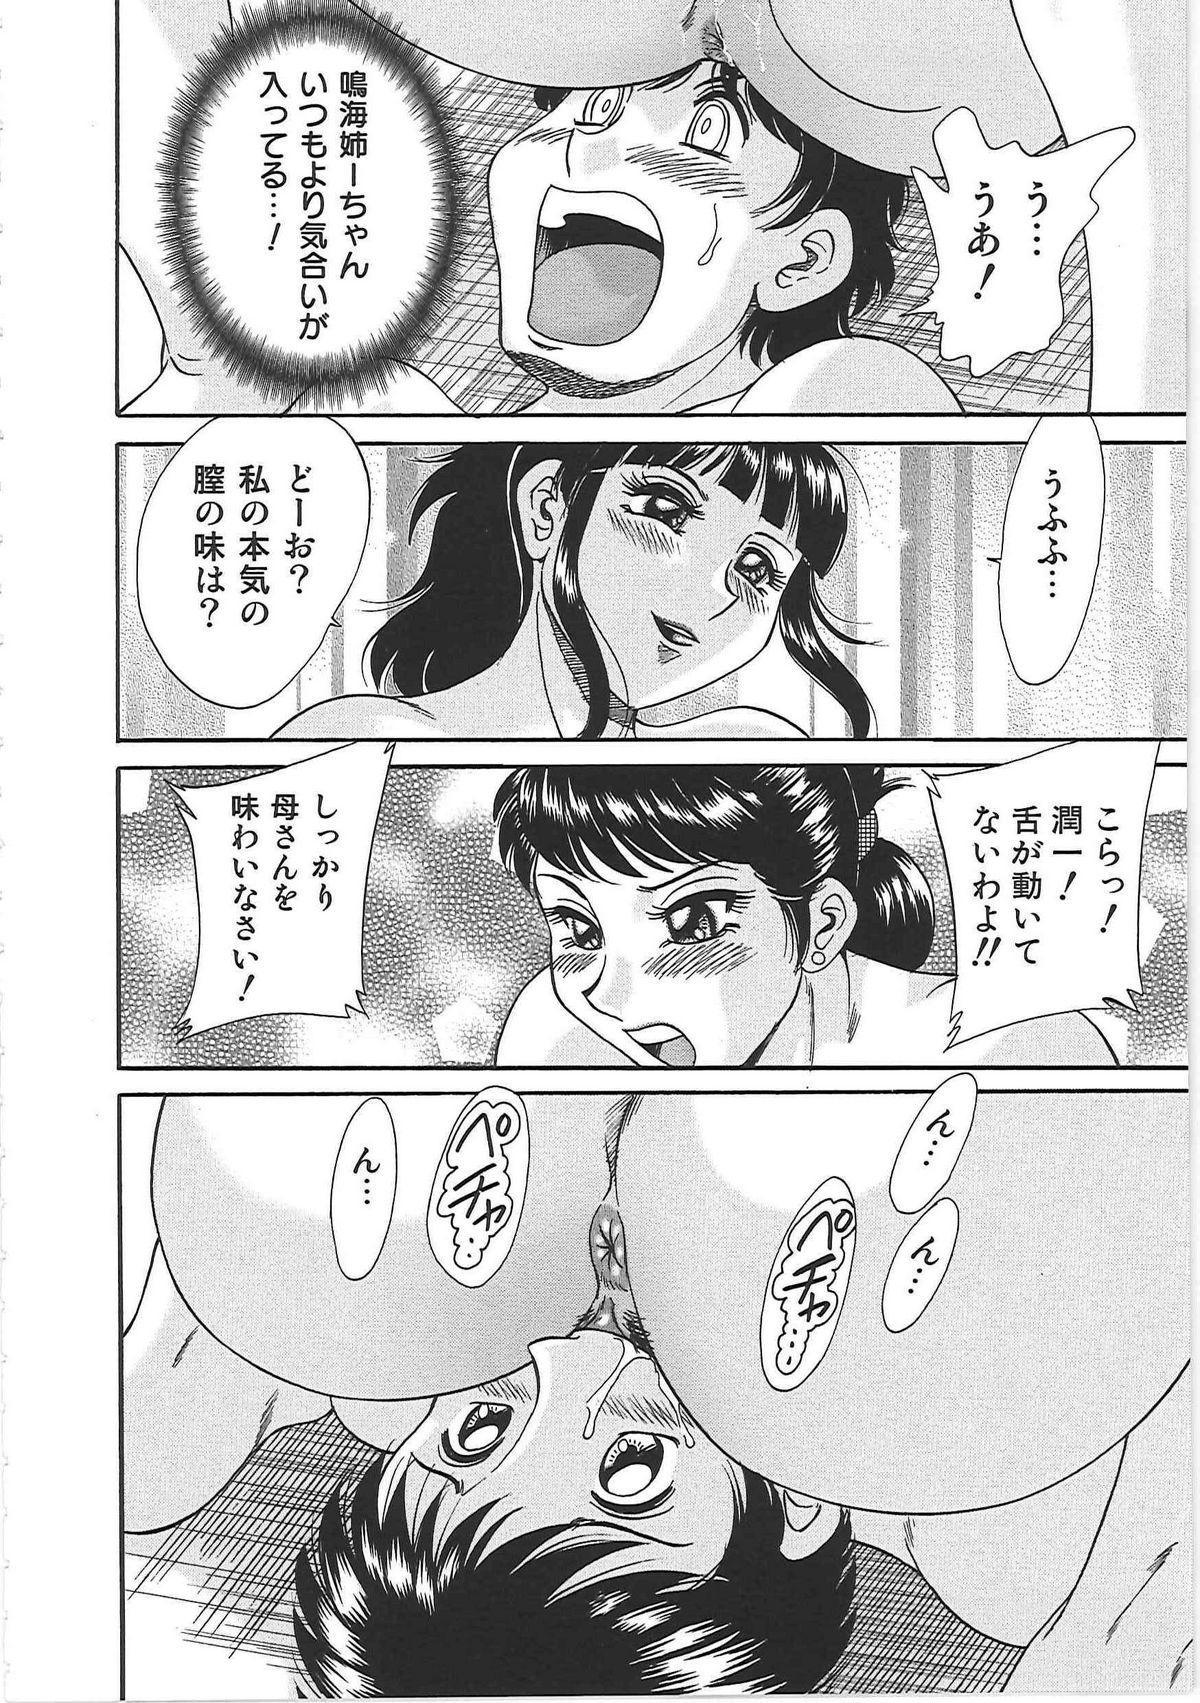 [Chanpon Miyabi] Cho-Onesan Tengoku 6 -Tenrakuhen- 57